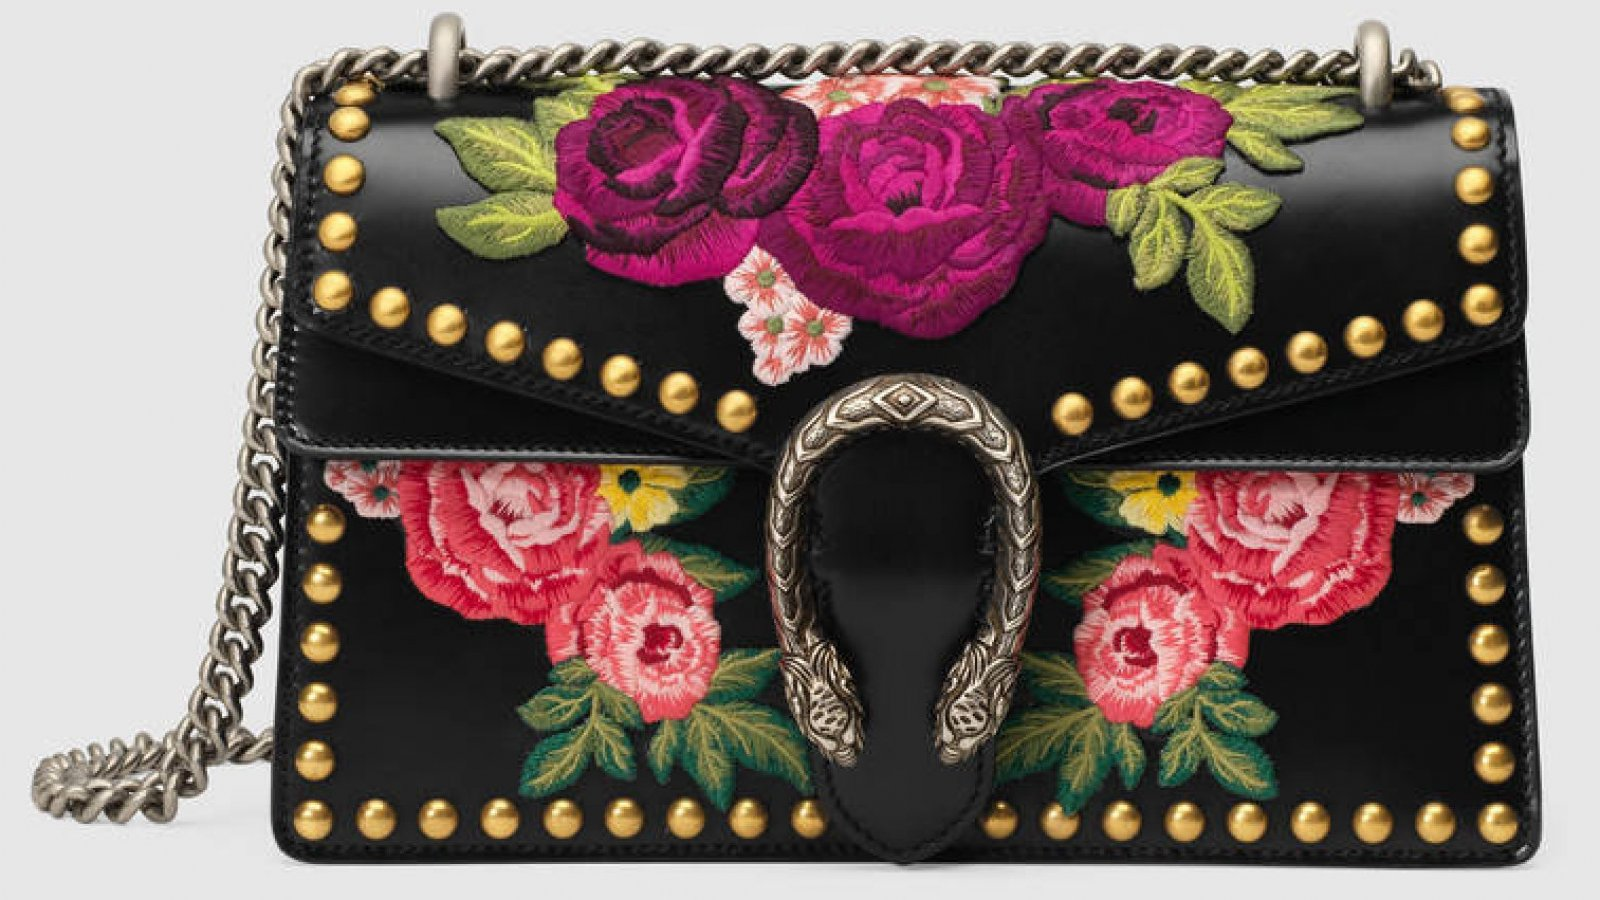 El bolso de Gucci cuyo precio es de 3.400 euros